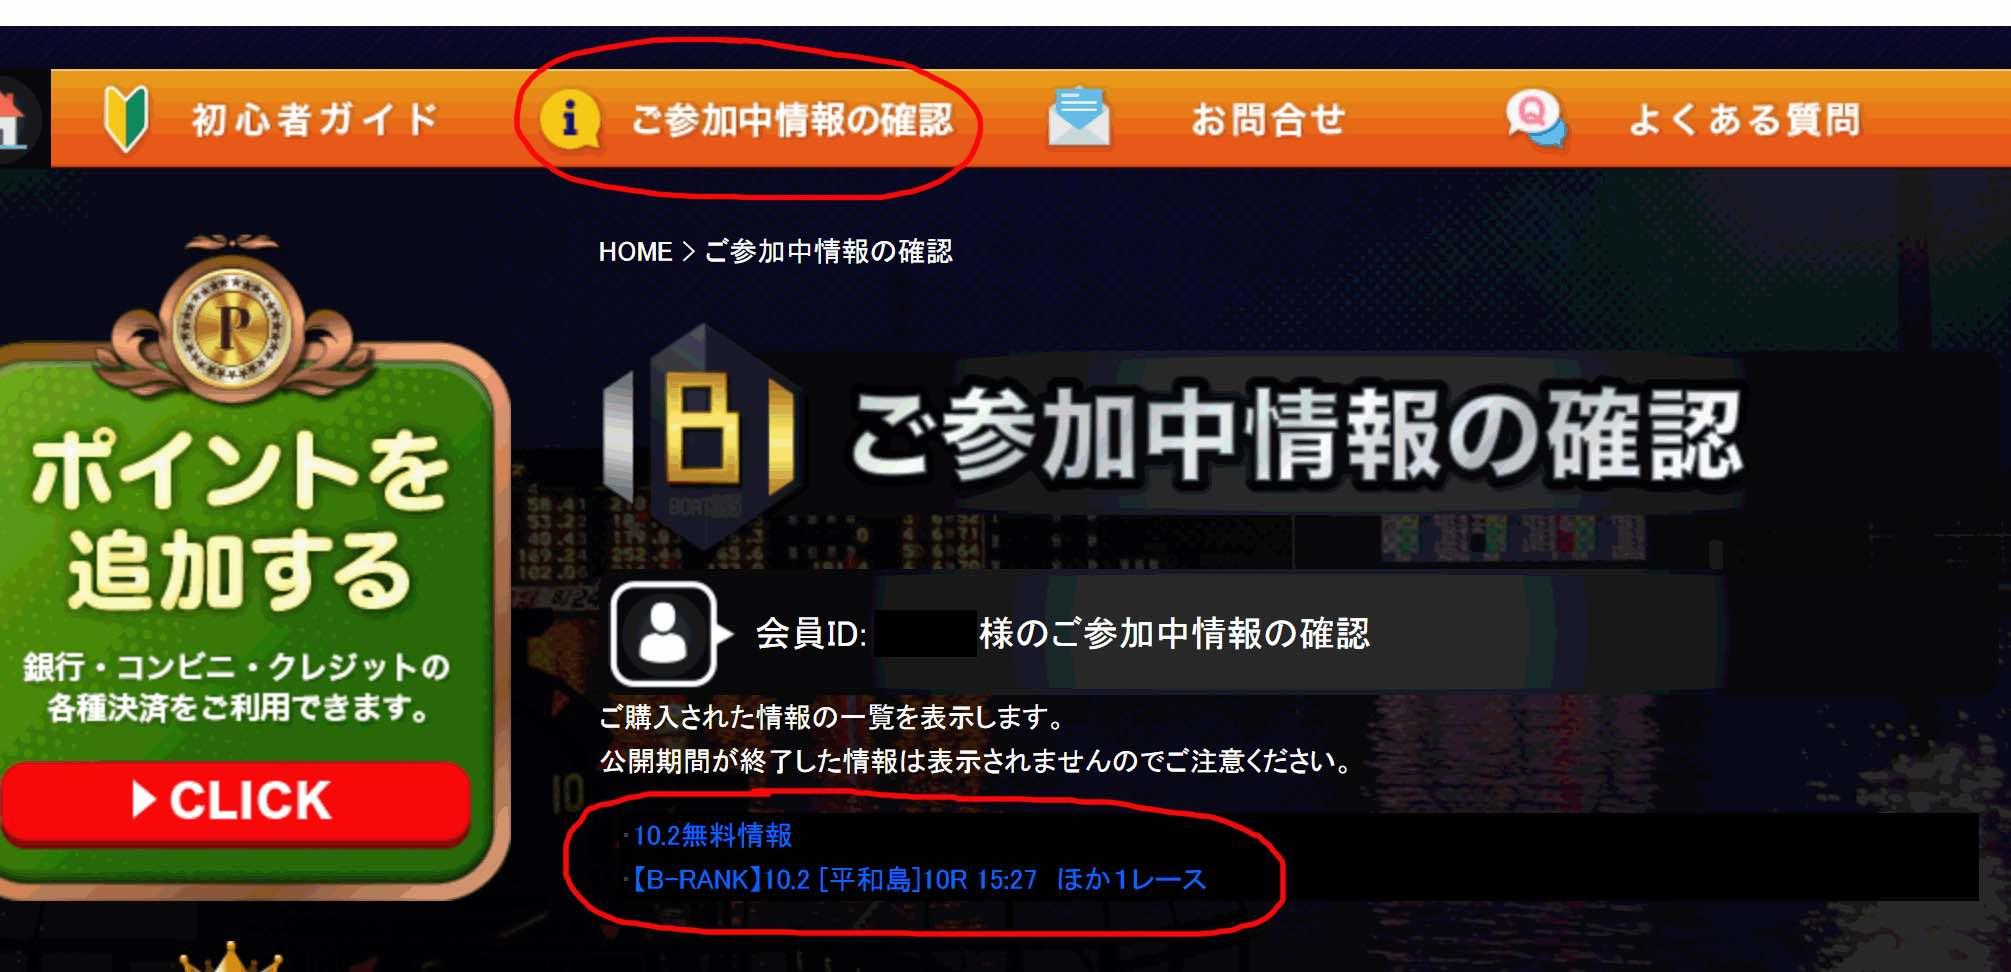 ボート365という競艇予想サイトの参加状況確認画面